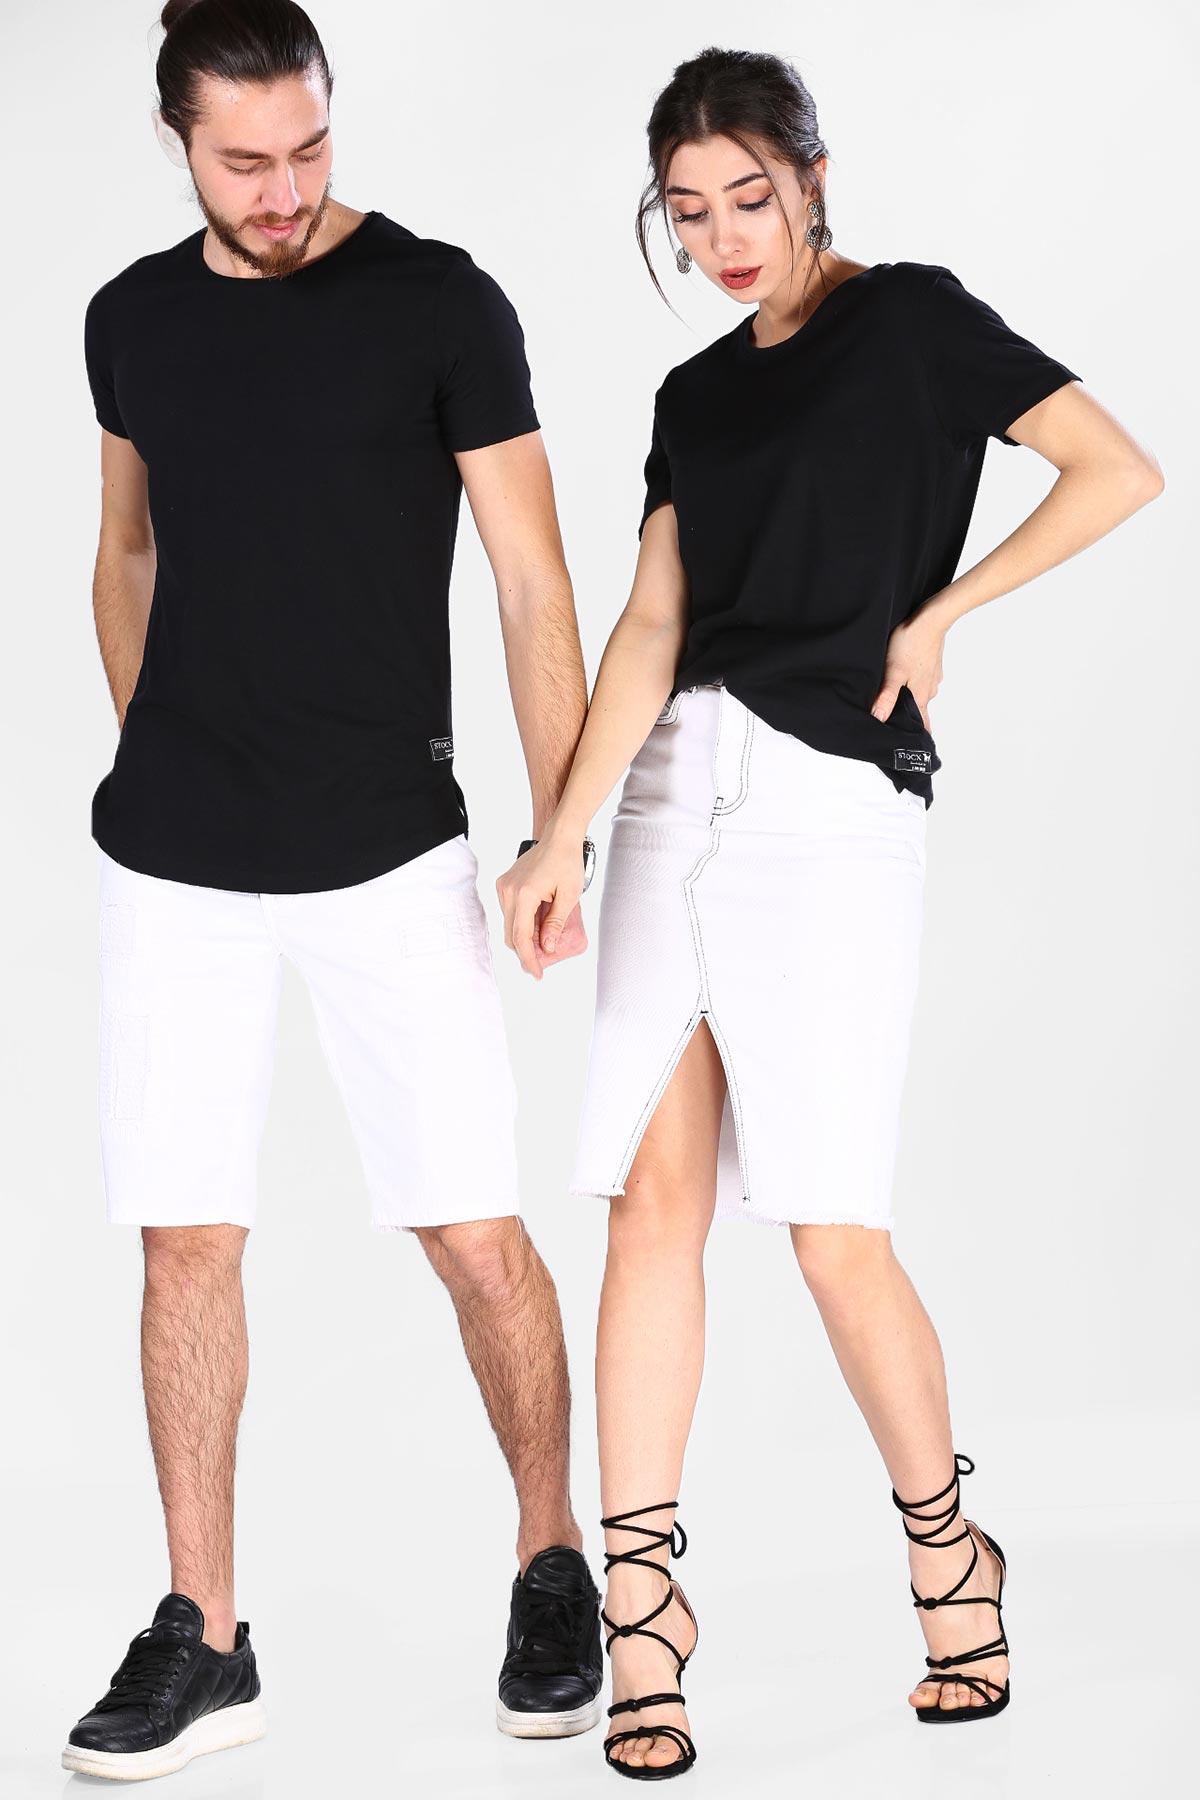 Unisex Basic Black T-shirt